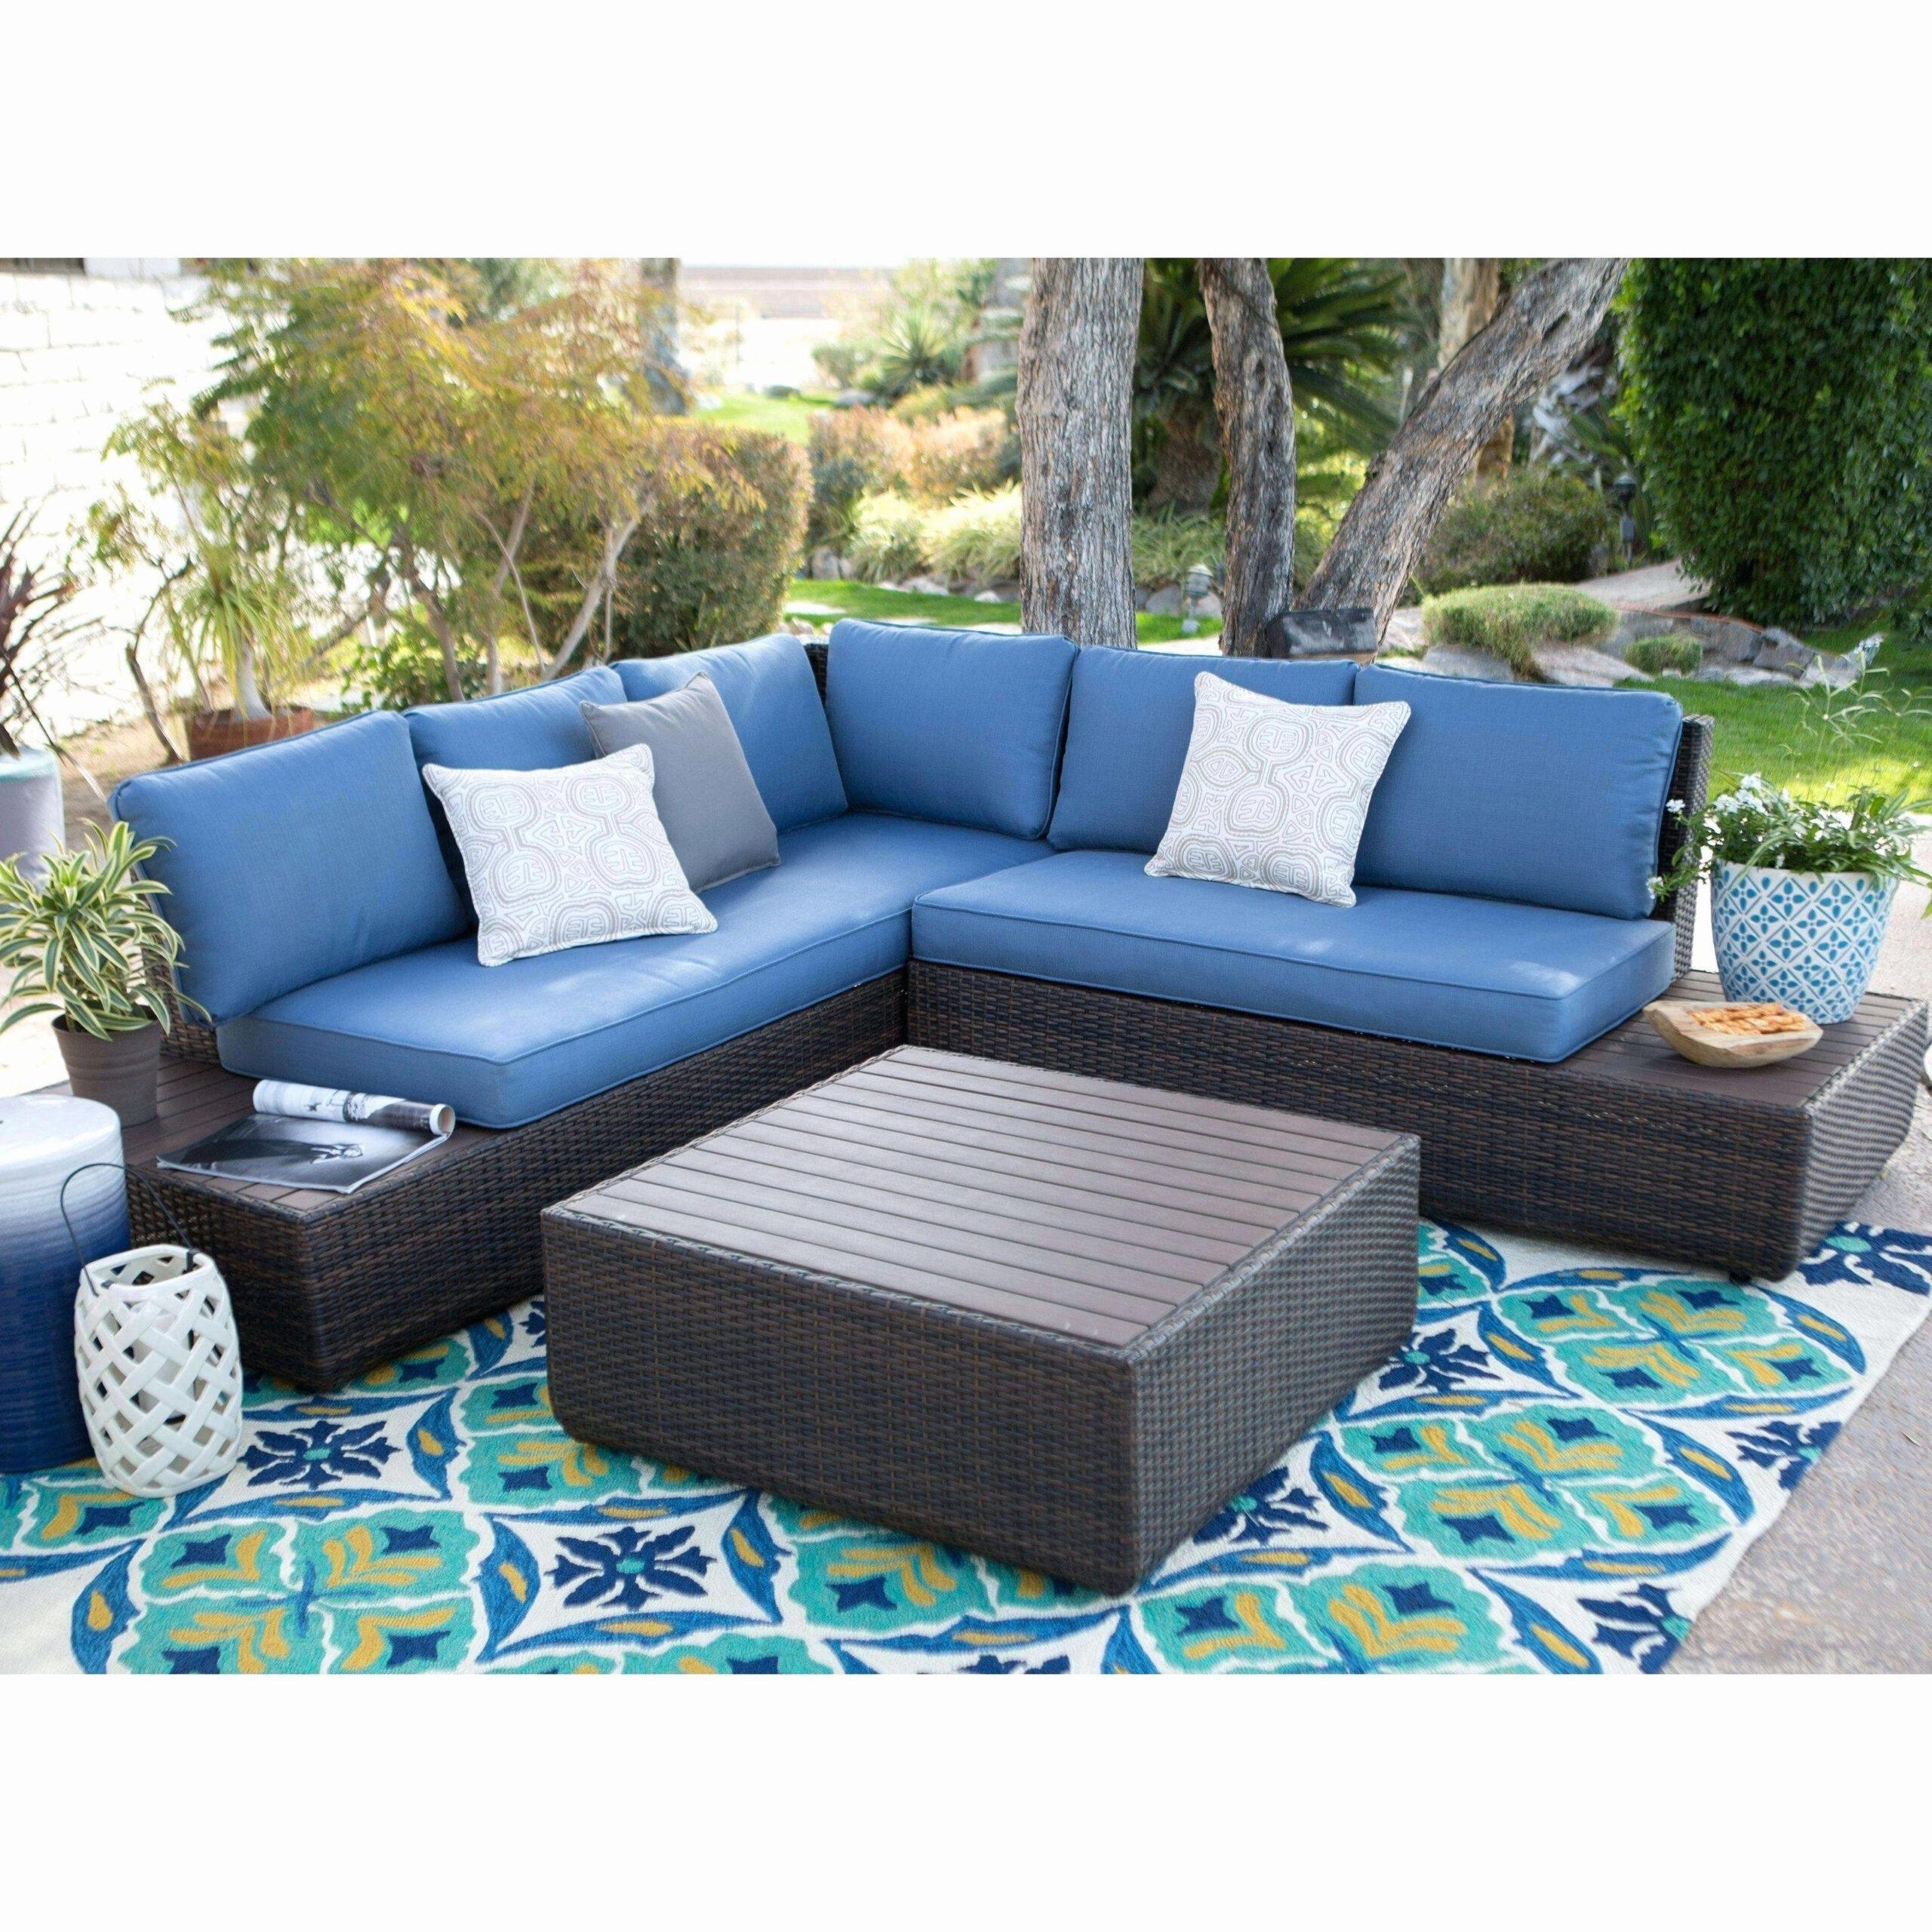 Full Size of Sofa Mit Lautsprecher Poco Couch Musikboxen Und Licht Led Big Boxen Bluetooth Integrierten 37 Luxus Von Otto Wohnzimmer Design Fftpls53 Der Beste Leinen Sofa Sofa Mit Boxen